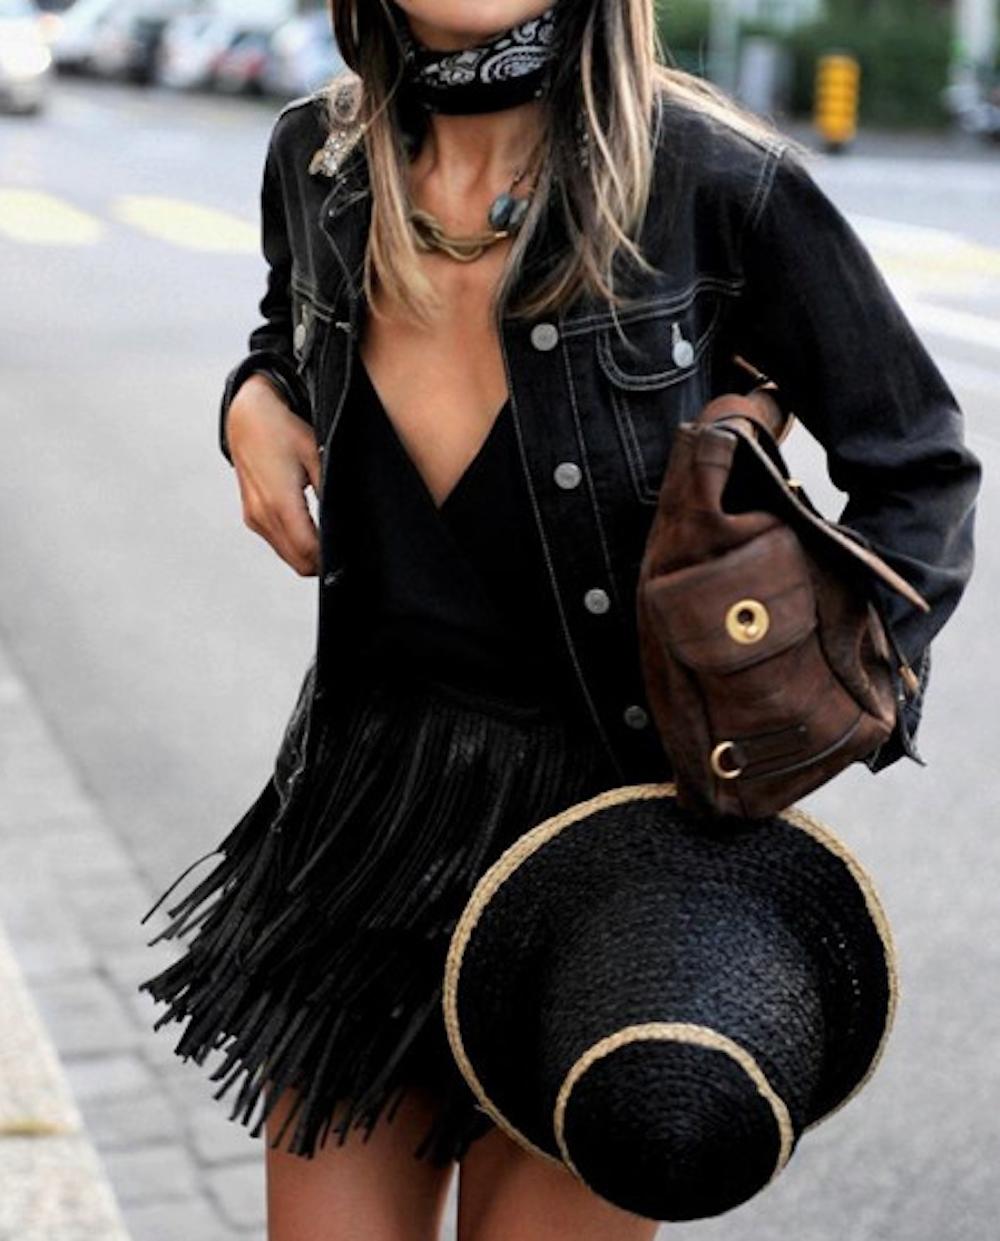 Black - choker leather skirt